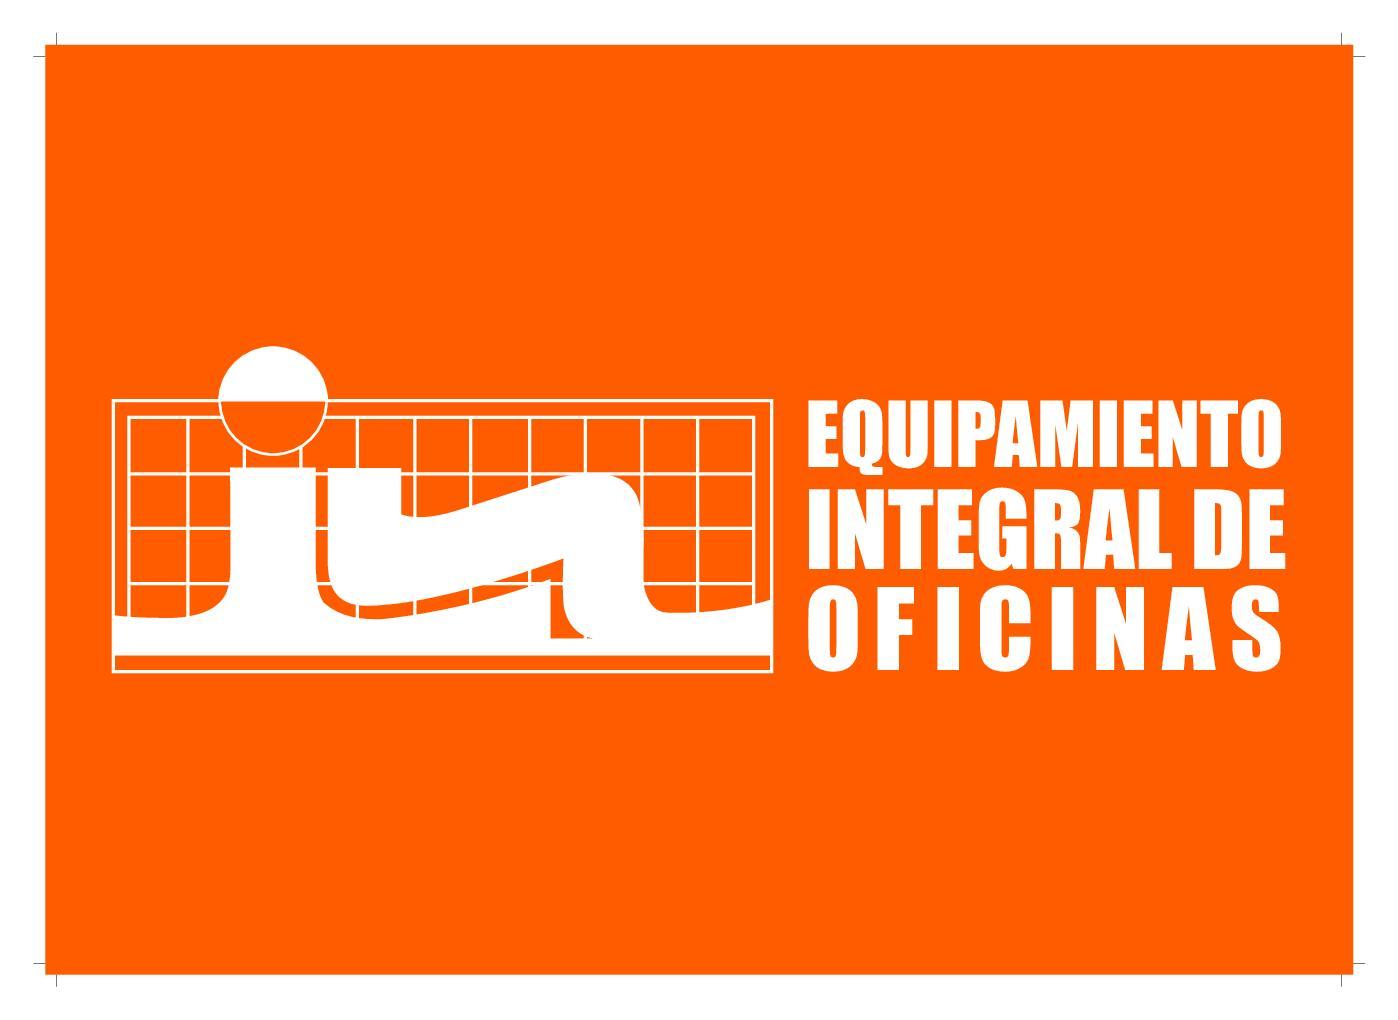 Equipamiento integral de oficinas asume la subida del iva - Equipamiento integral de oficinas ...